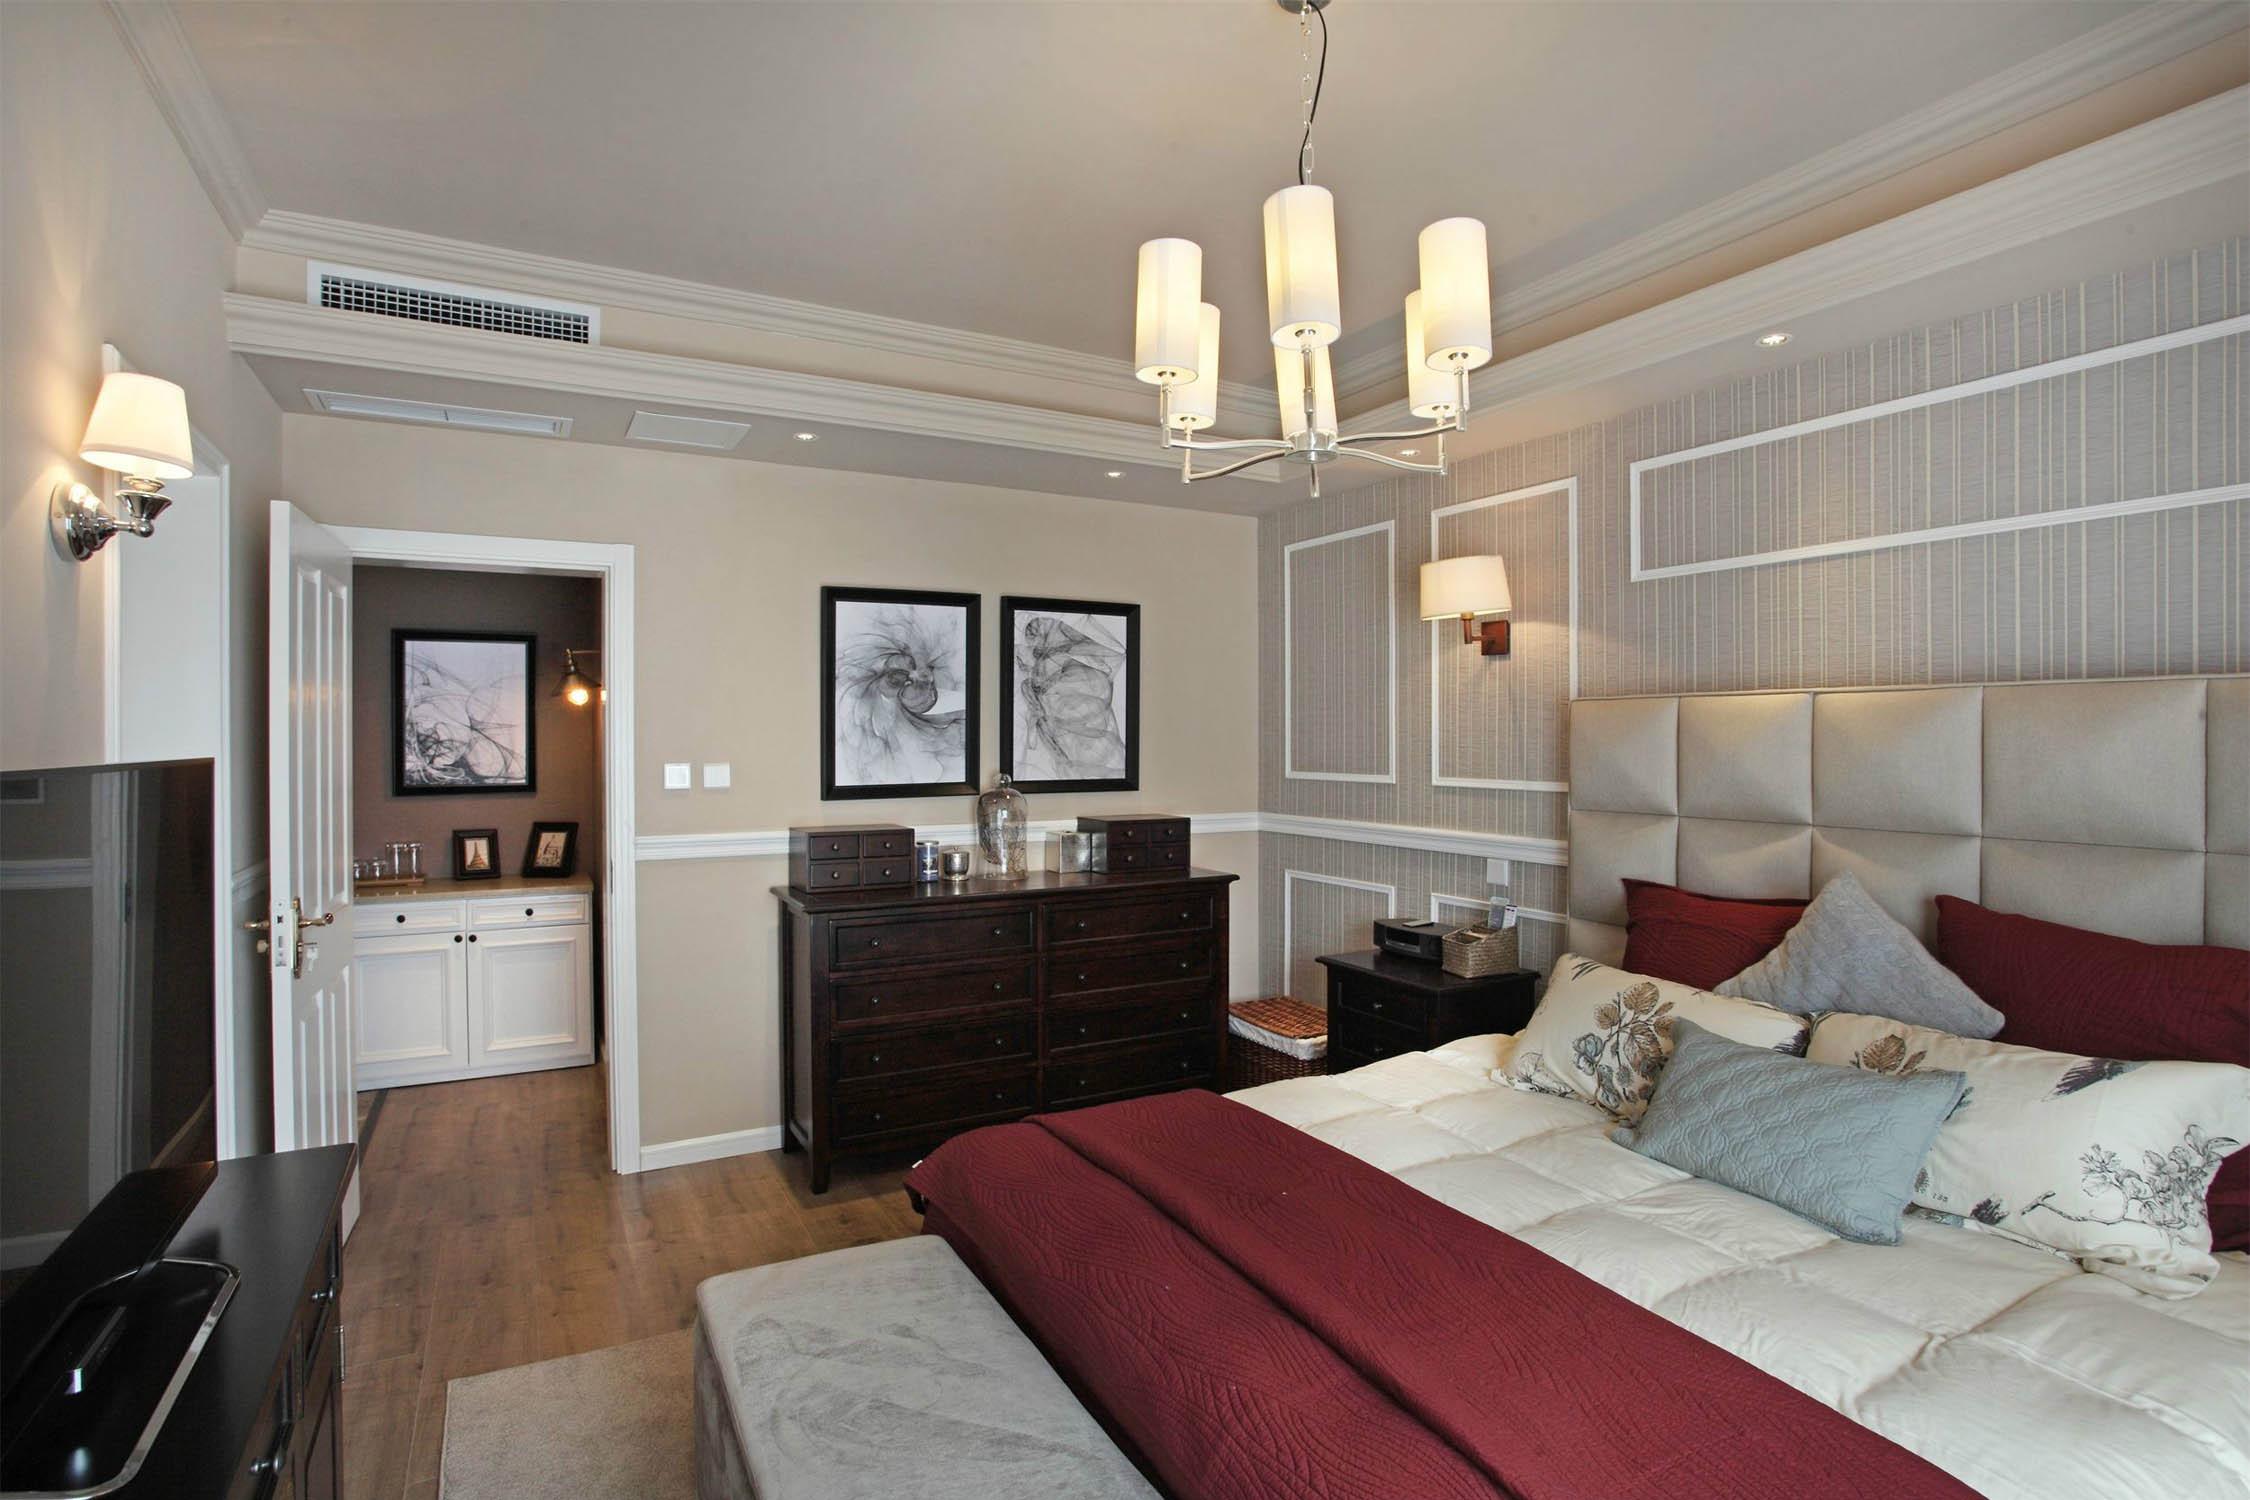 美式风格别墅装修床上用品图片